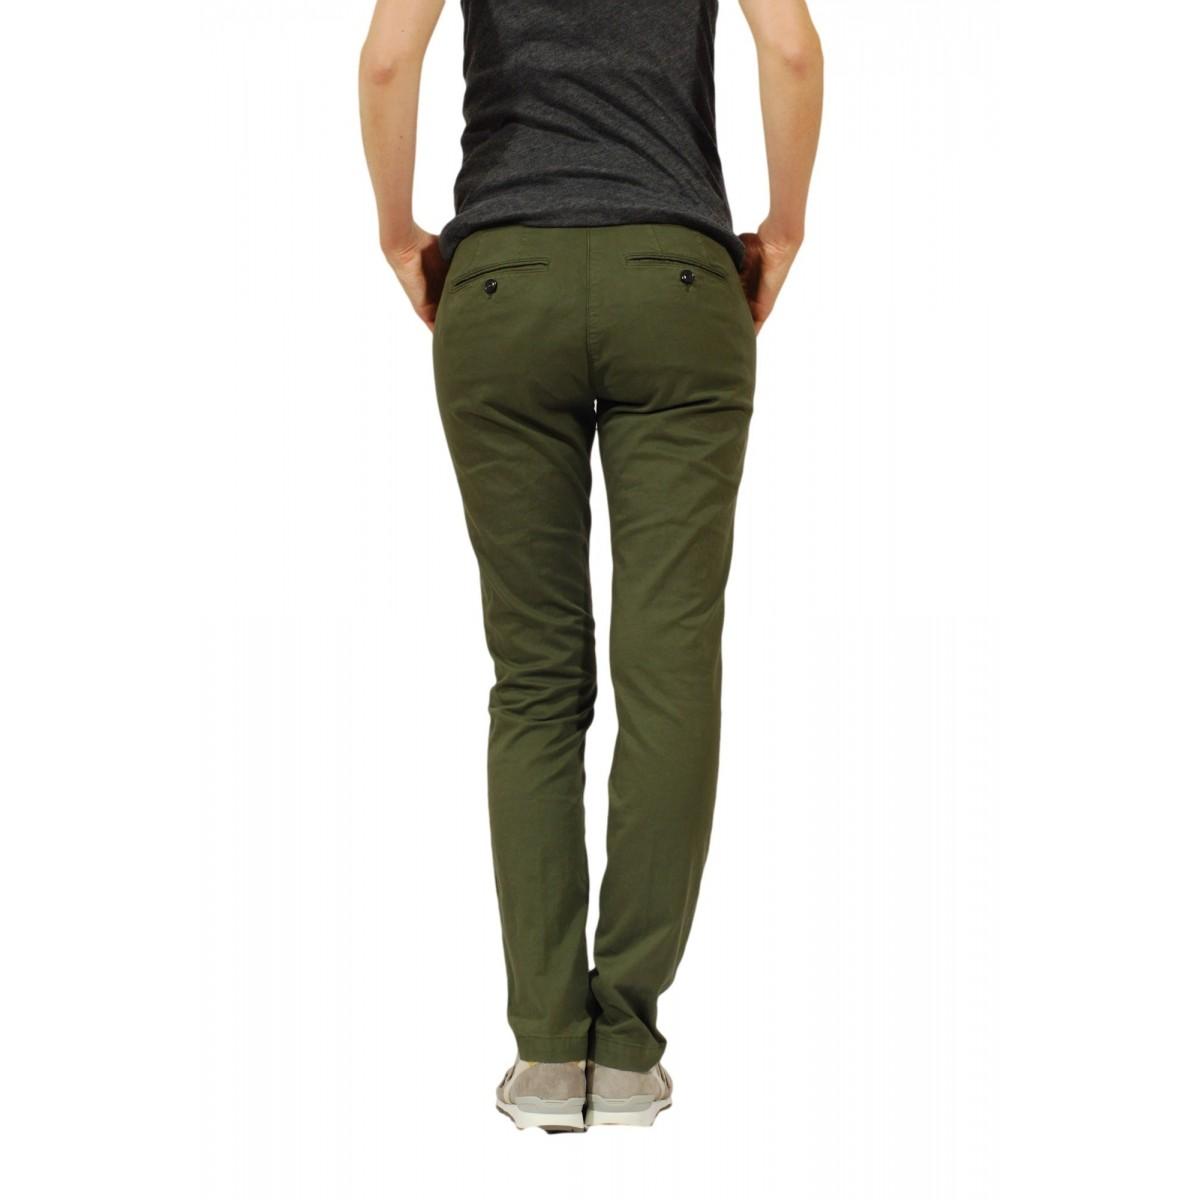 Trouser Woman Department Five - P051 T0001 460 Gabardina Strec Trouser Woman Gabardina